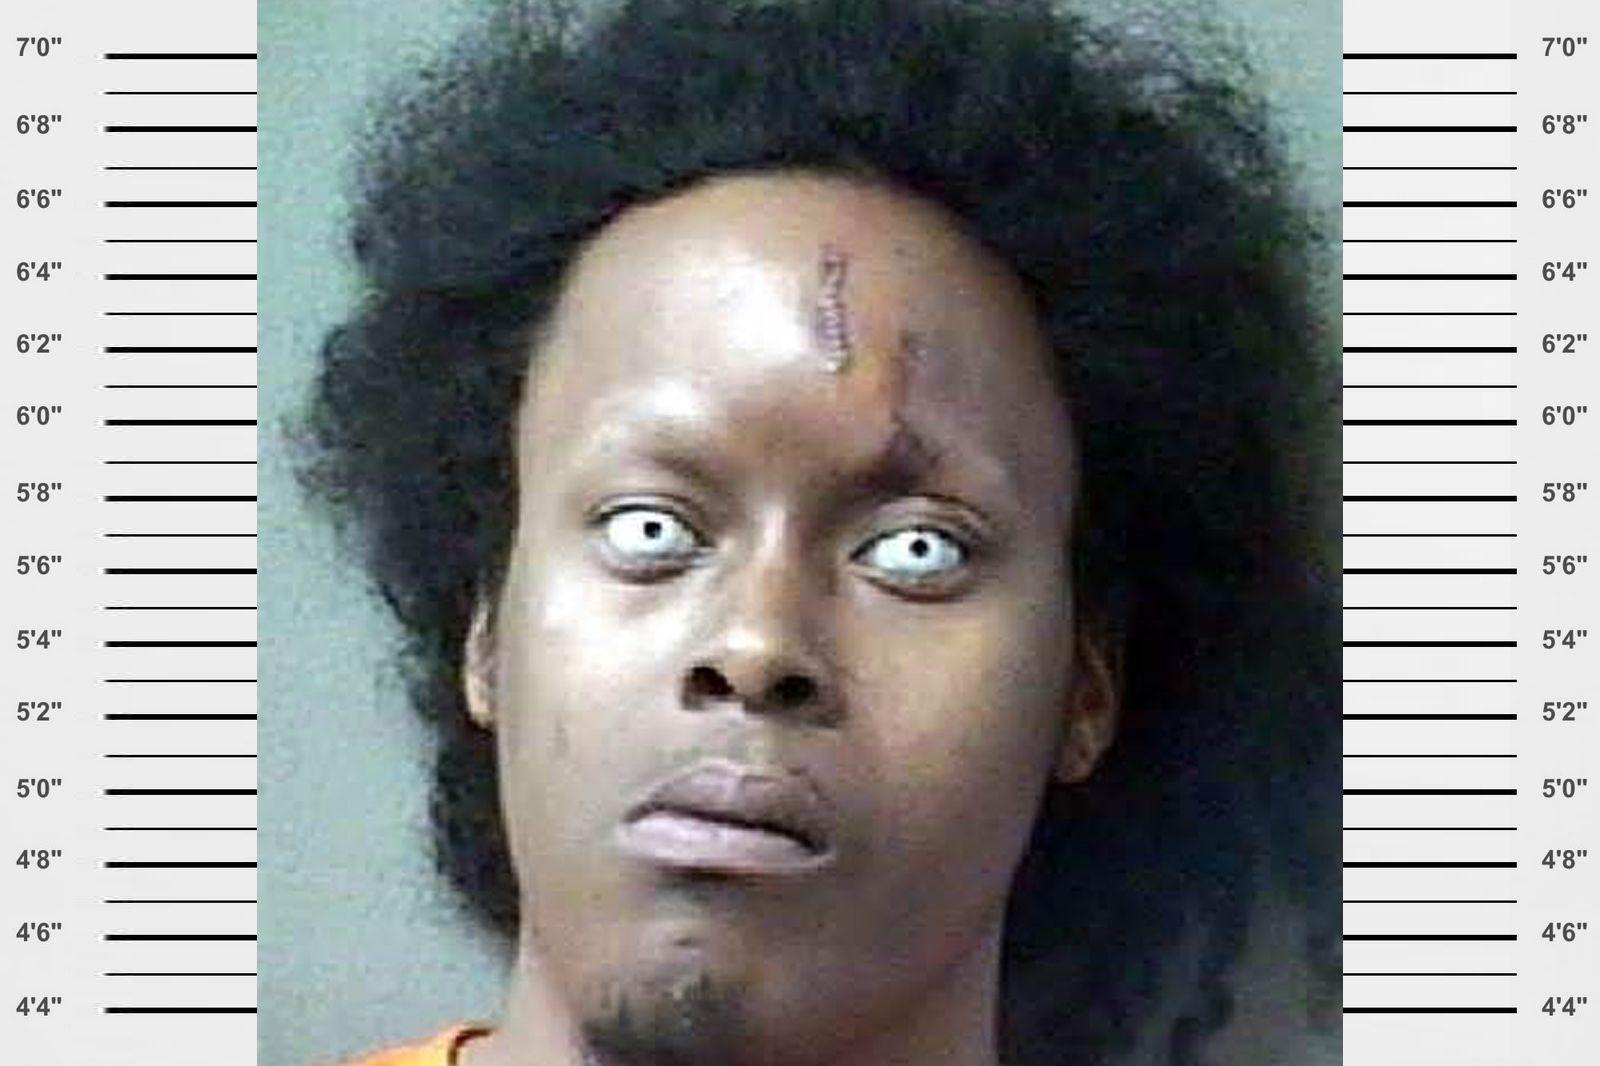 Black celebrity mugshot